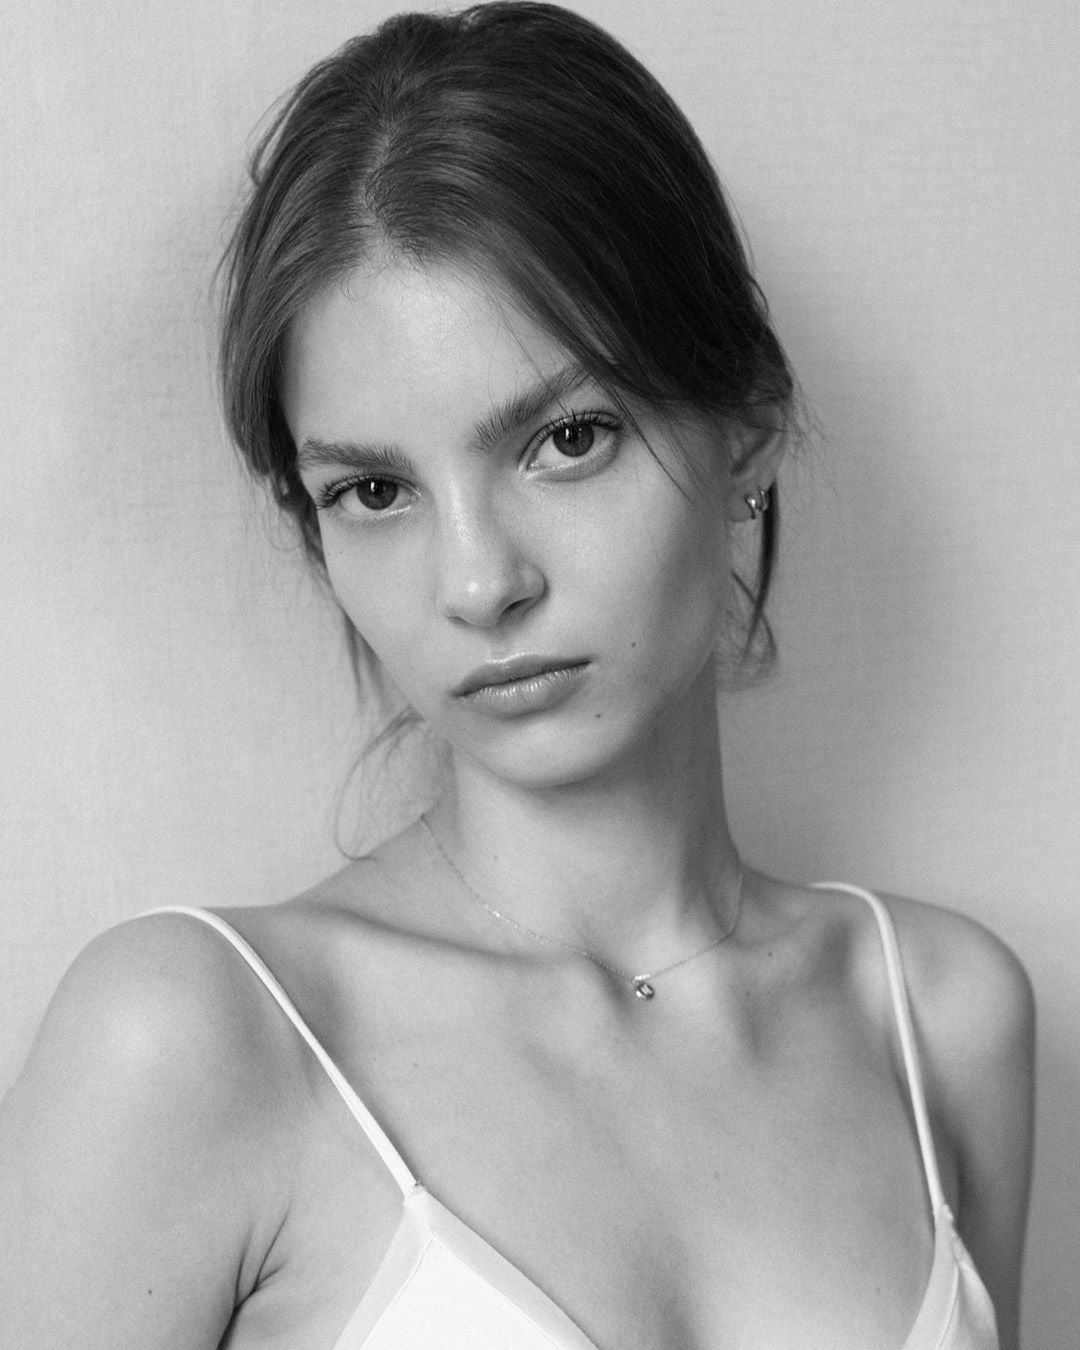 Nastya Zhuleva by Dzijana Papleūka